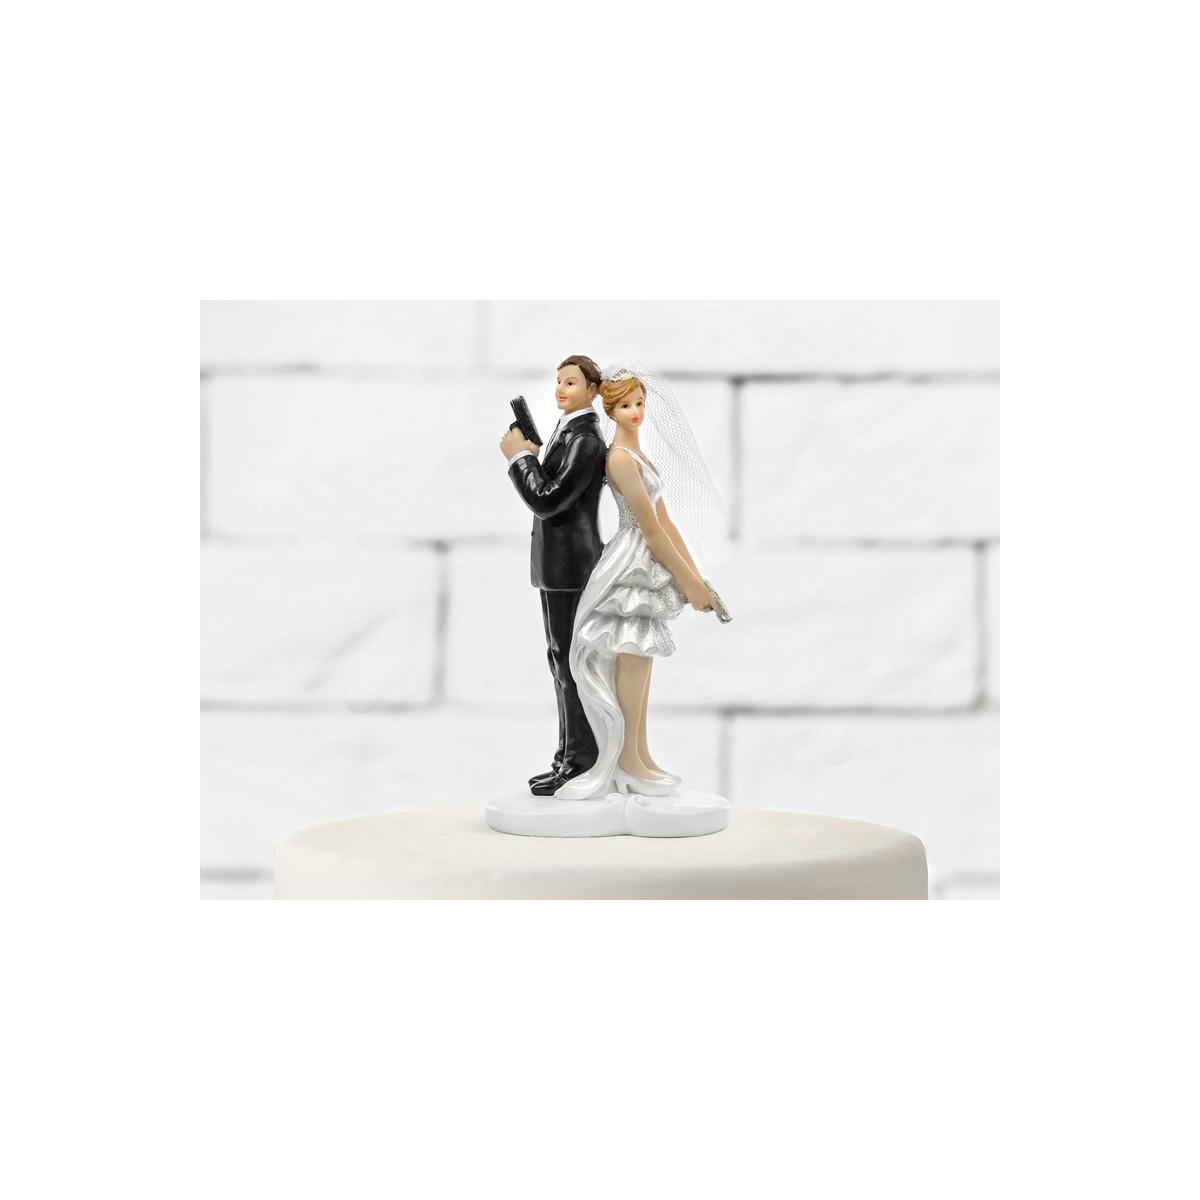 figurine-mariage-originale-espion